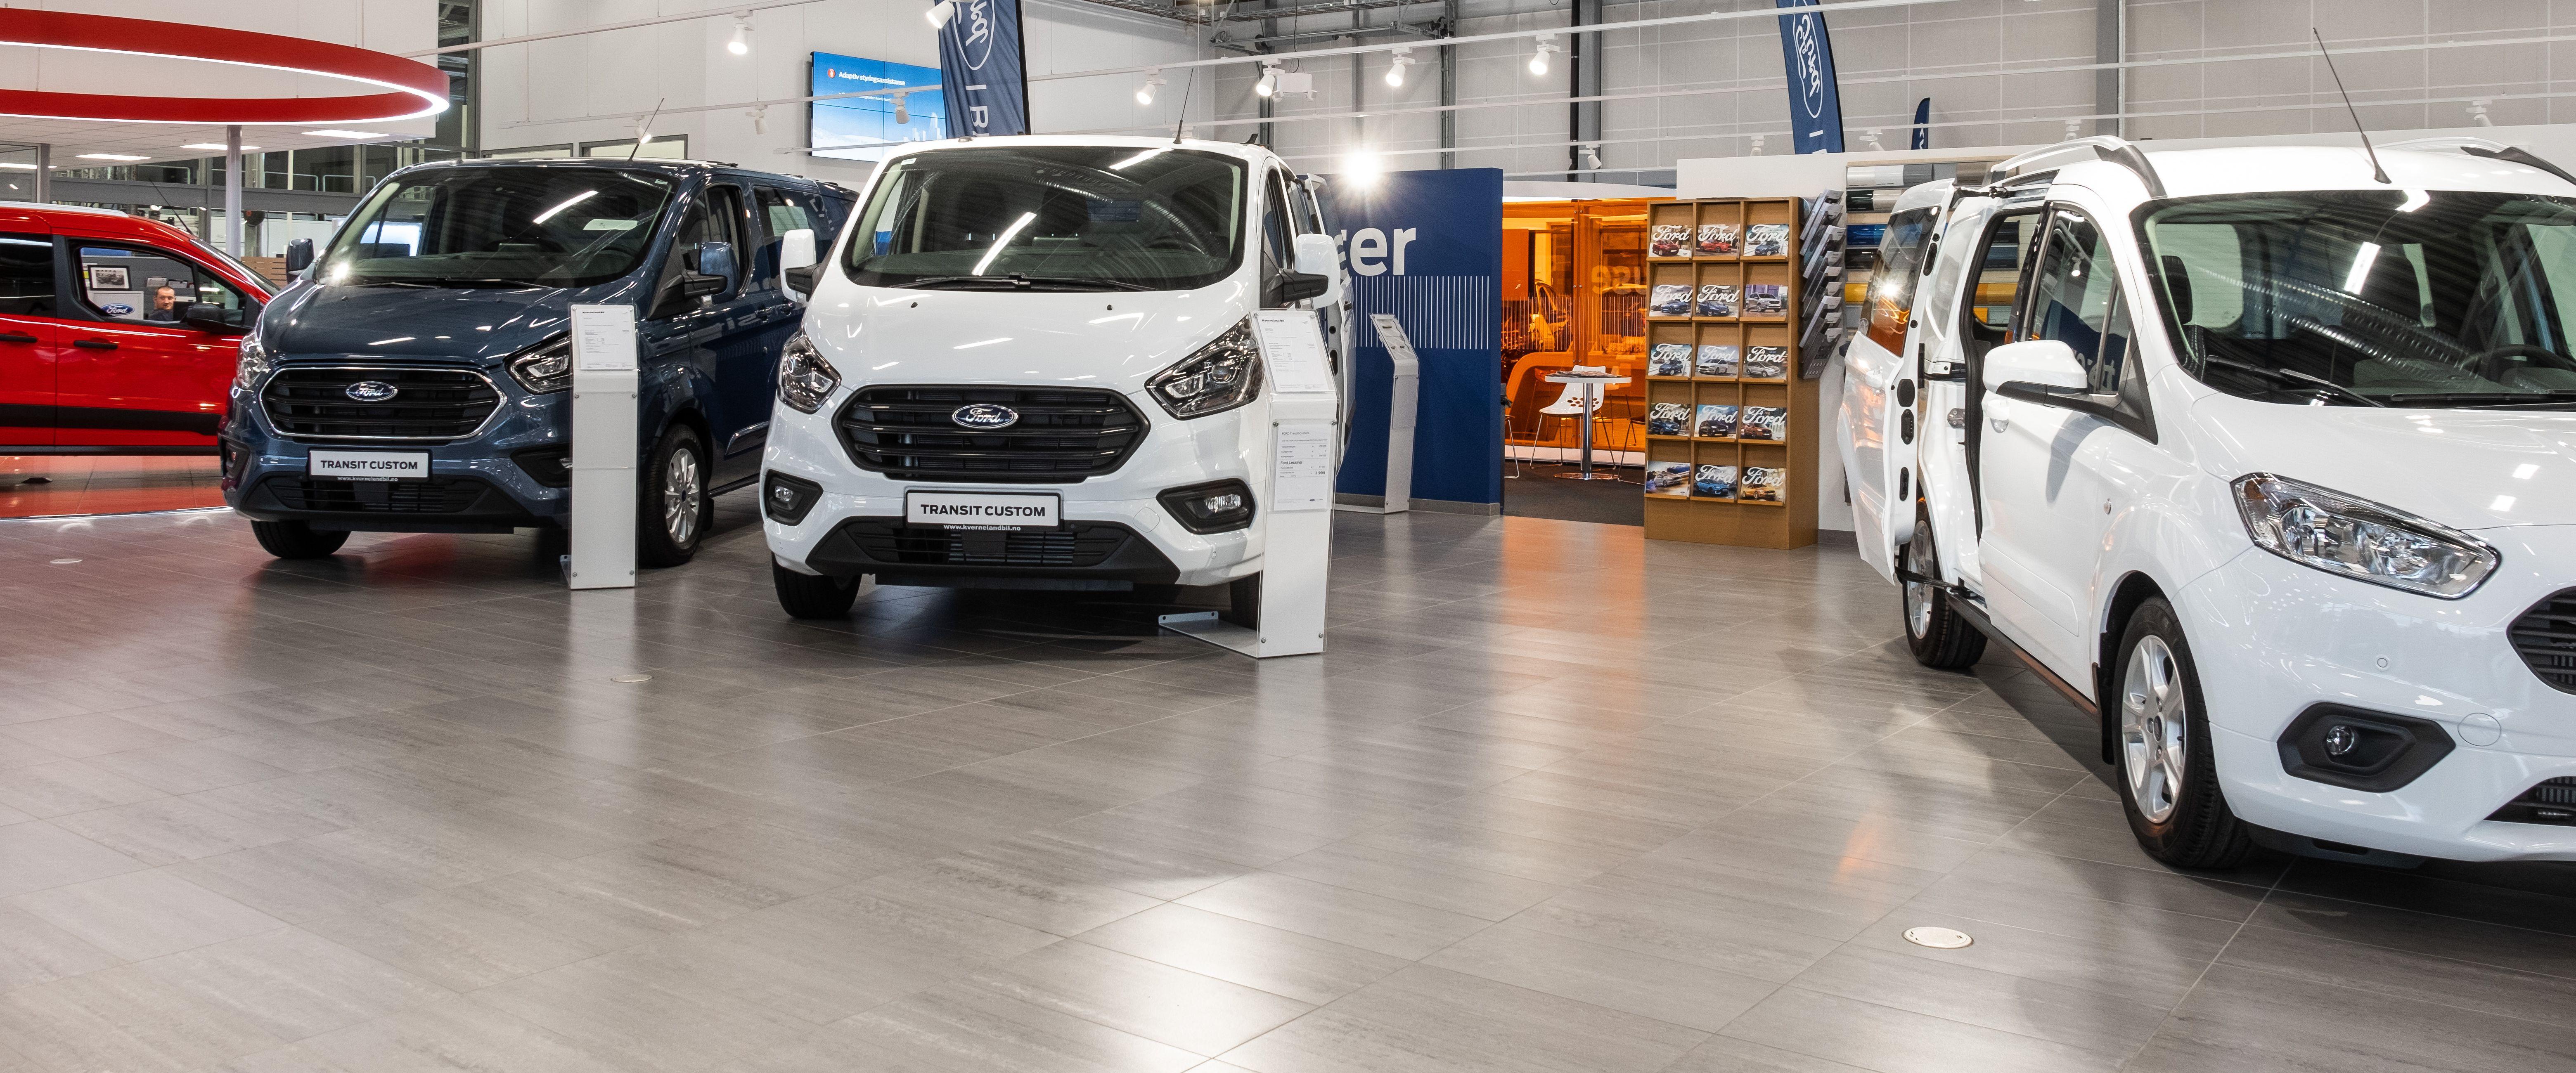 Nybilavdelingen i Ford Bilhuset